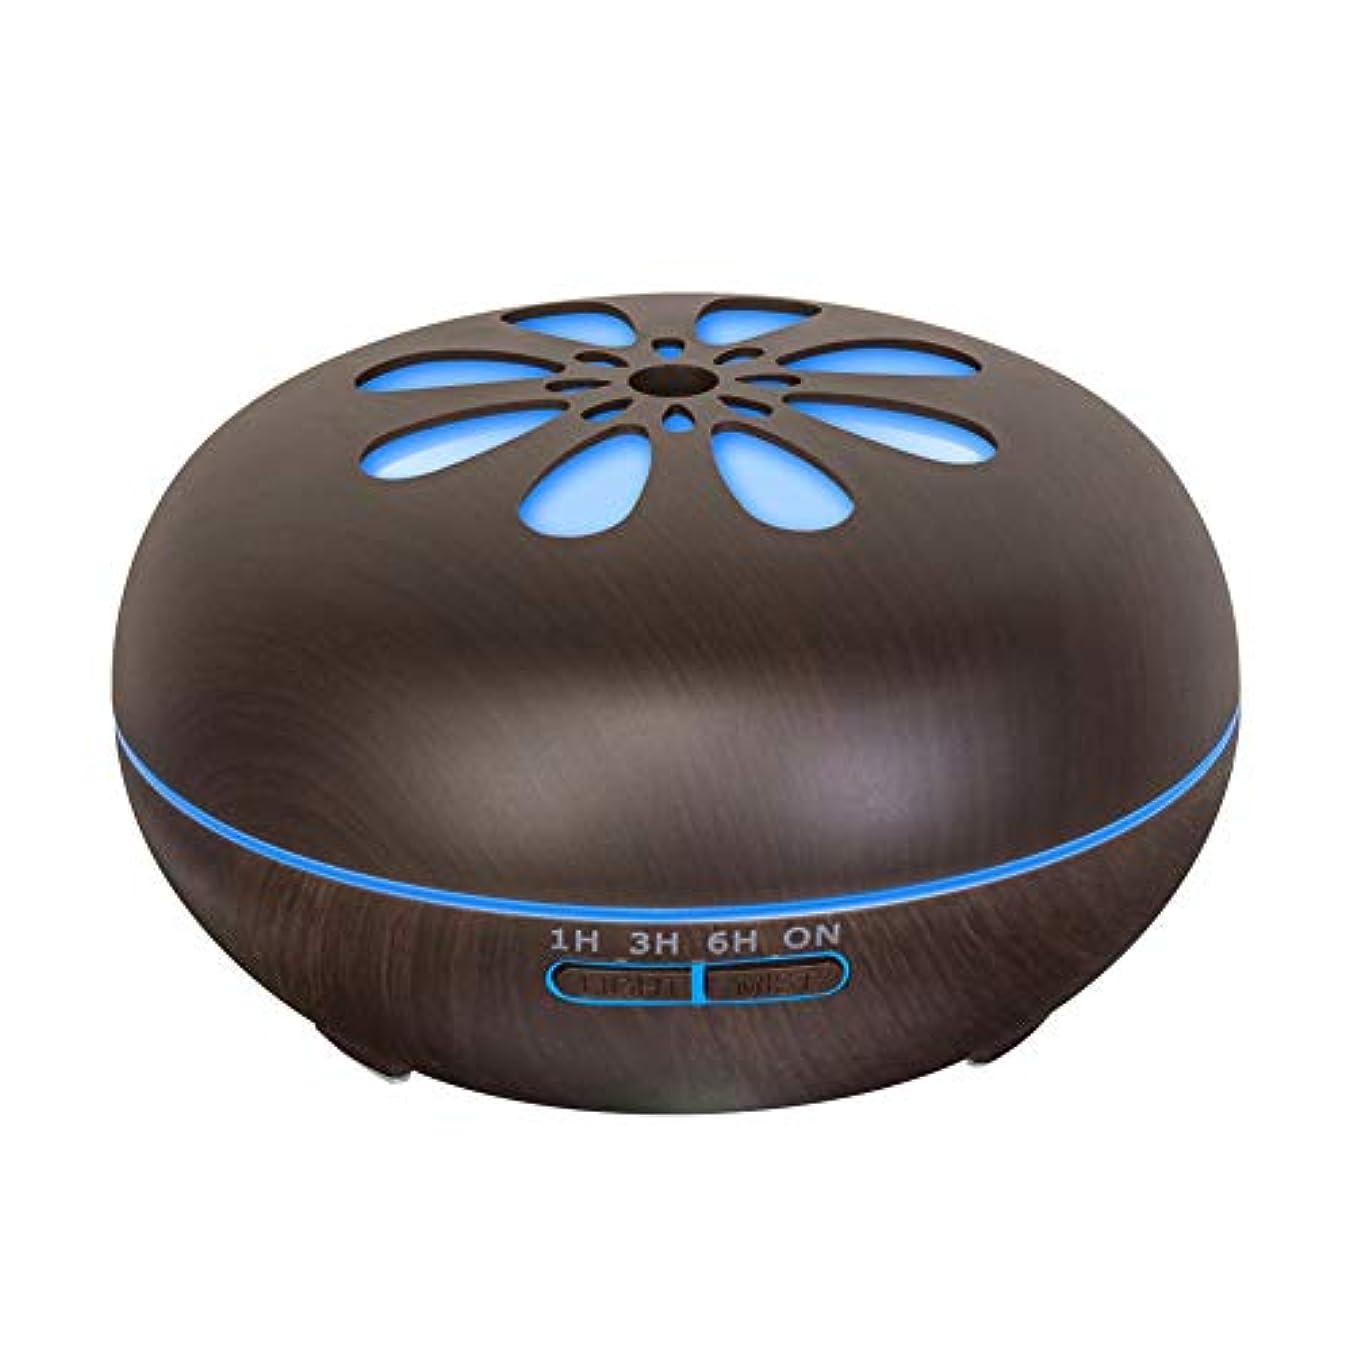 せせらぎスキャンダル虫を数える550 Ml 木目 涼しい霧 加湿器,リモコン 7 色 超音波式 加湿機 時間 香り 精油 ディフューザー ホーム オフィス リビング ルーム Yoga-h